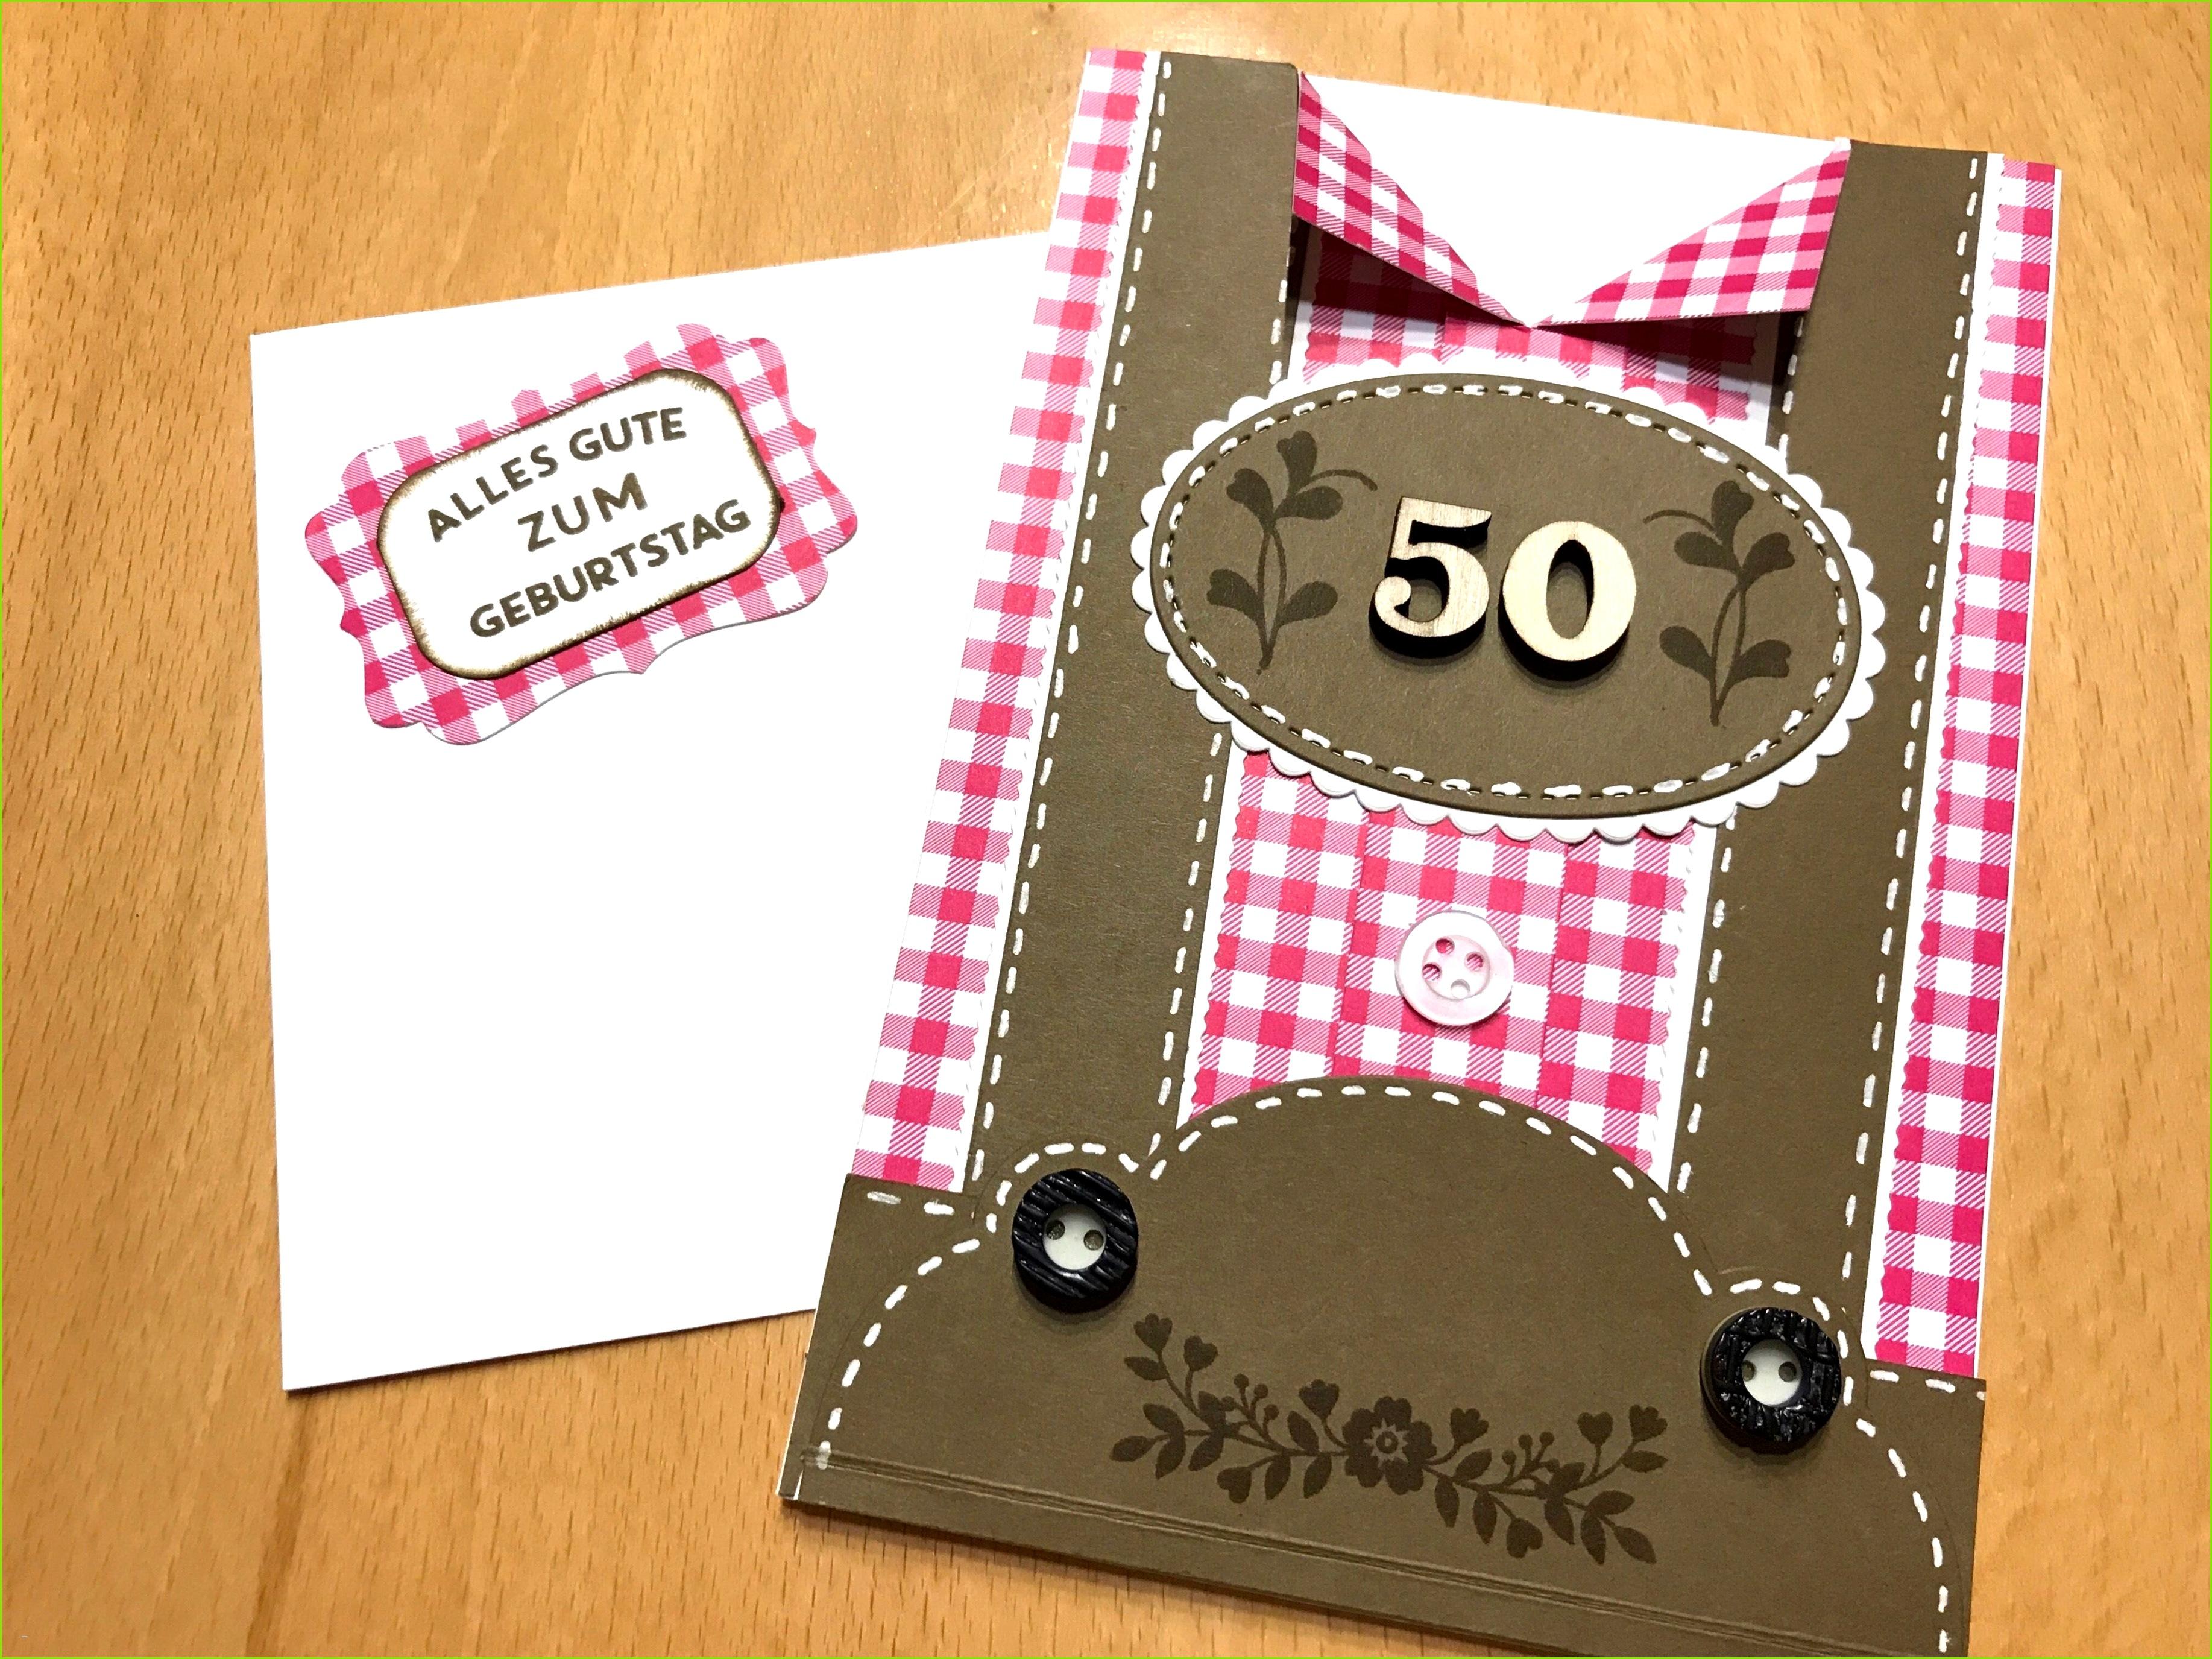 Vorlage Dankeskarte Frisch Dankeskarten Trauer Text Neu I Pinimg originals 0d Be 30 0dbe Ccd61b